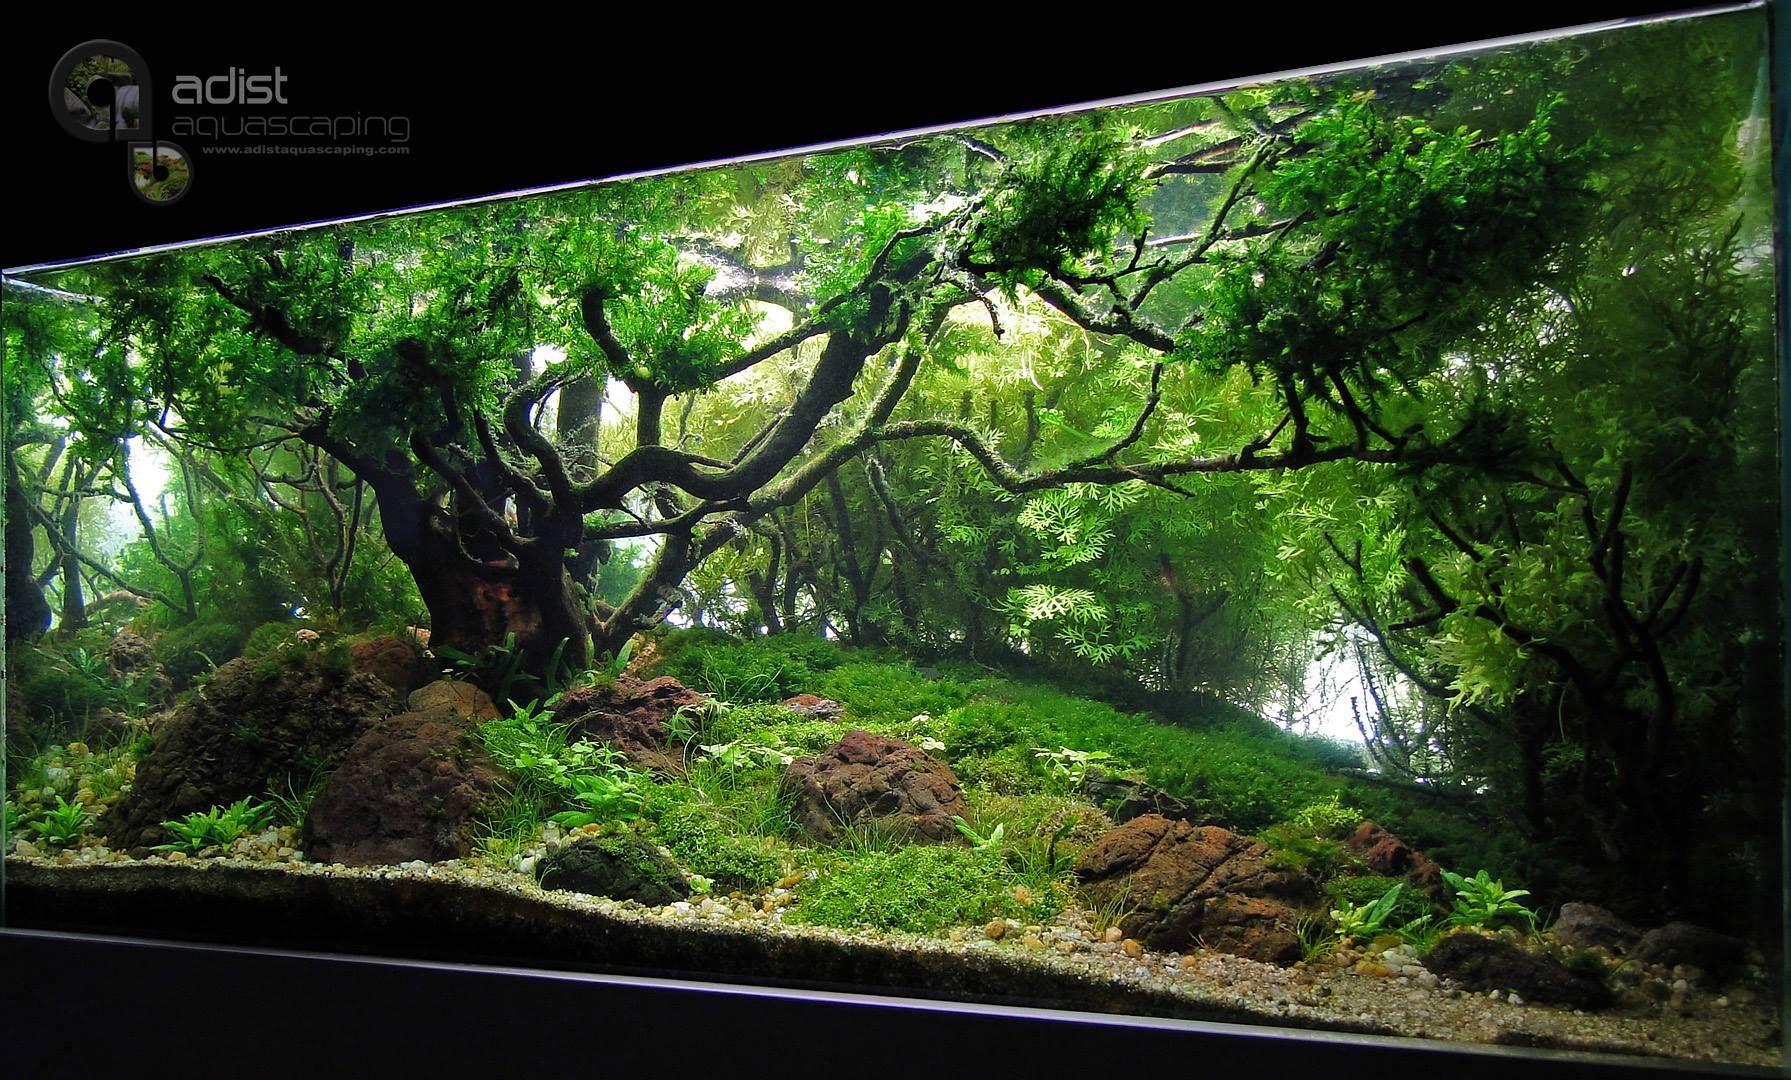 74486eacf990f0386d07d1173289b705 Frais De Aquarium A tortue Concept